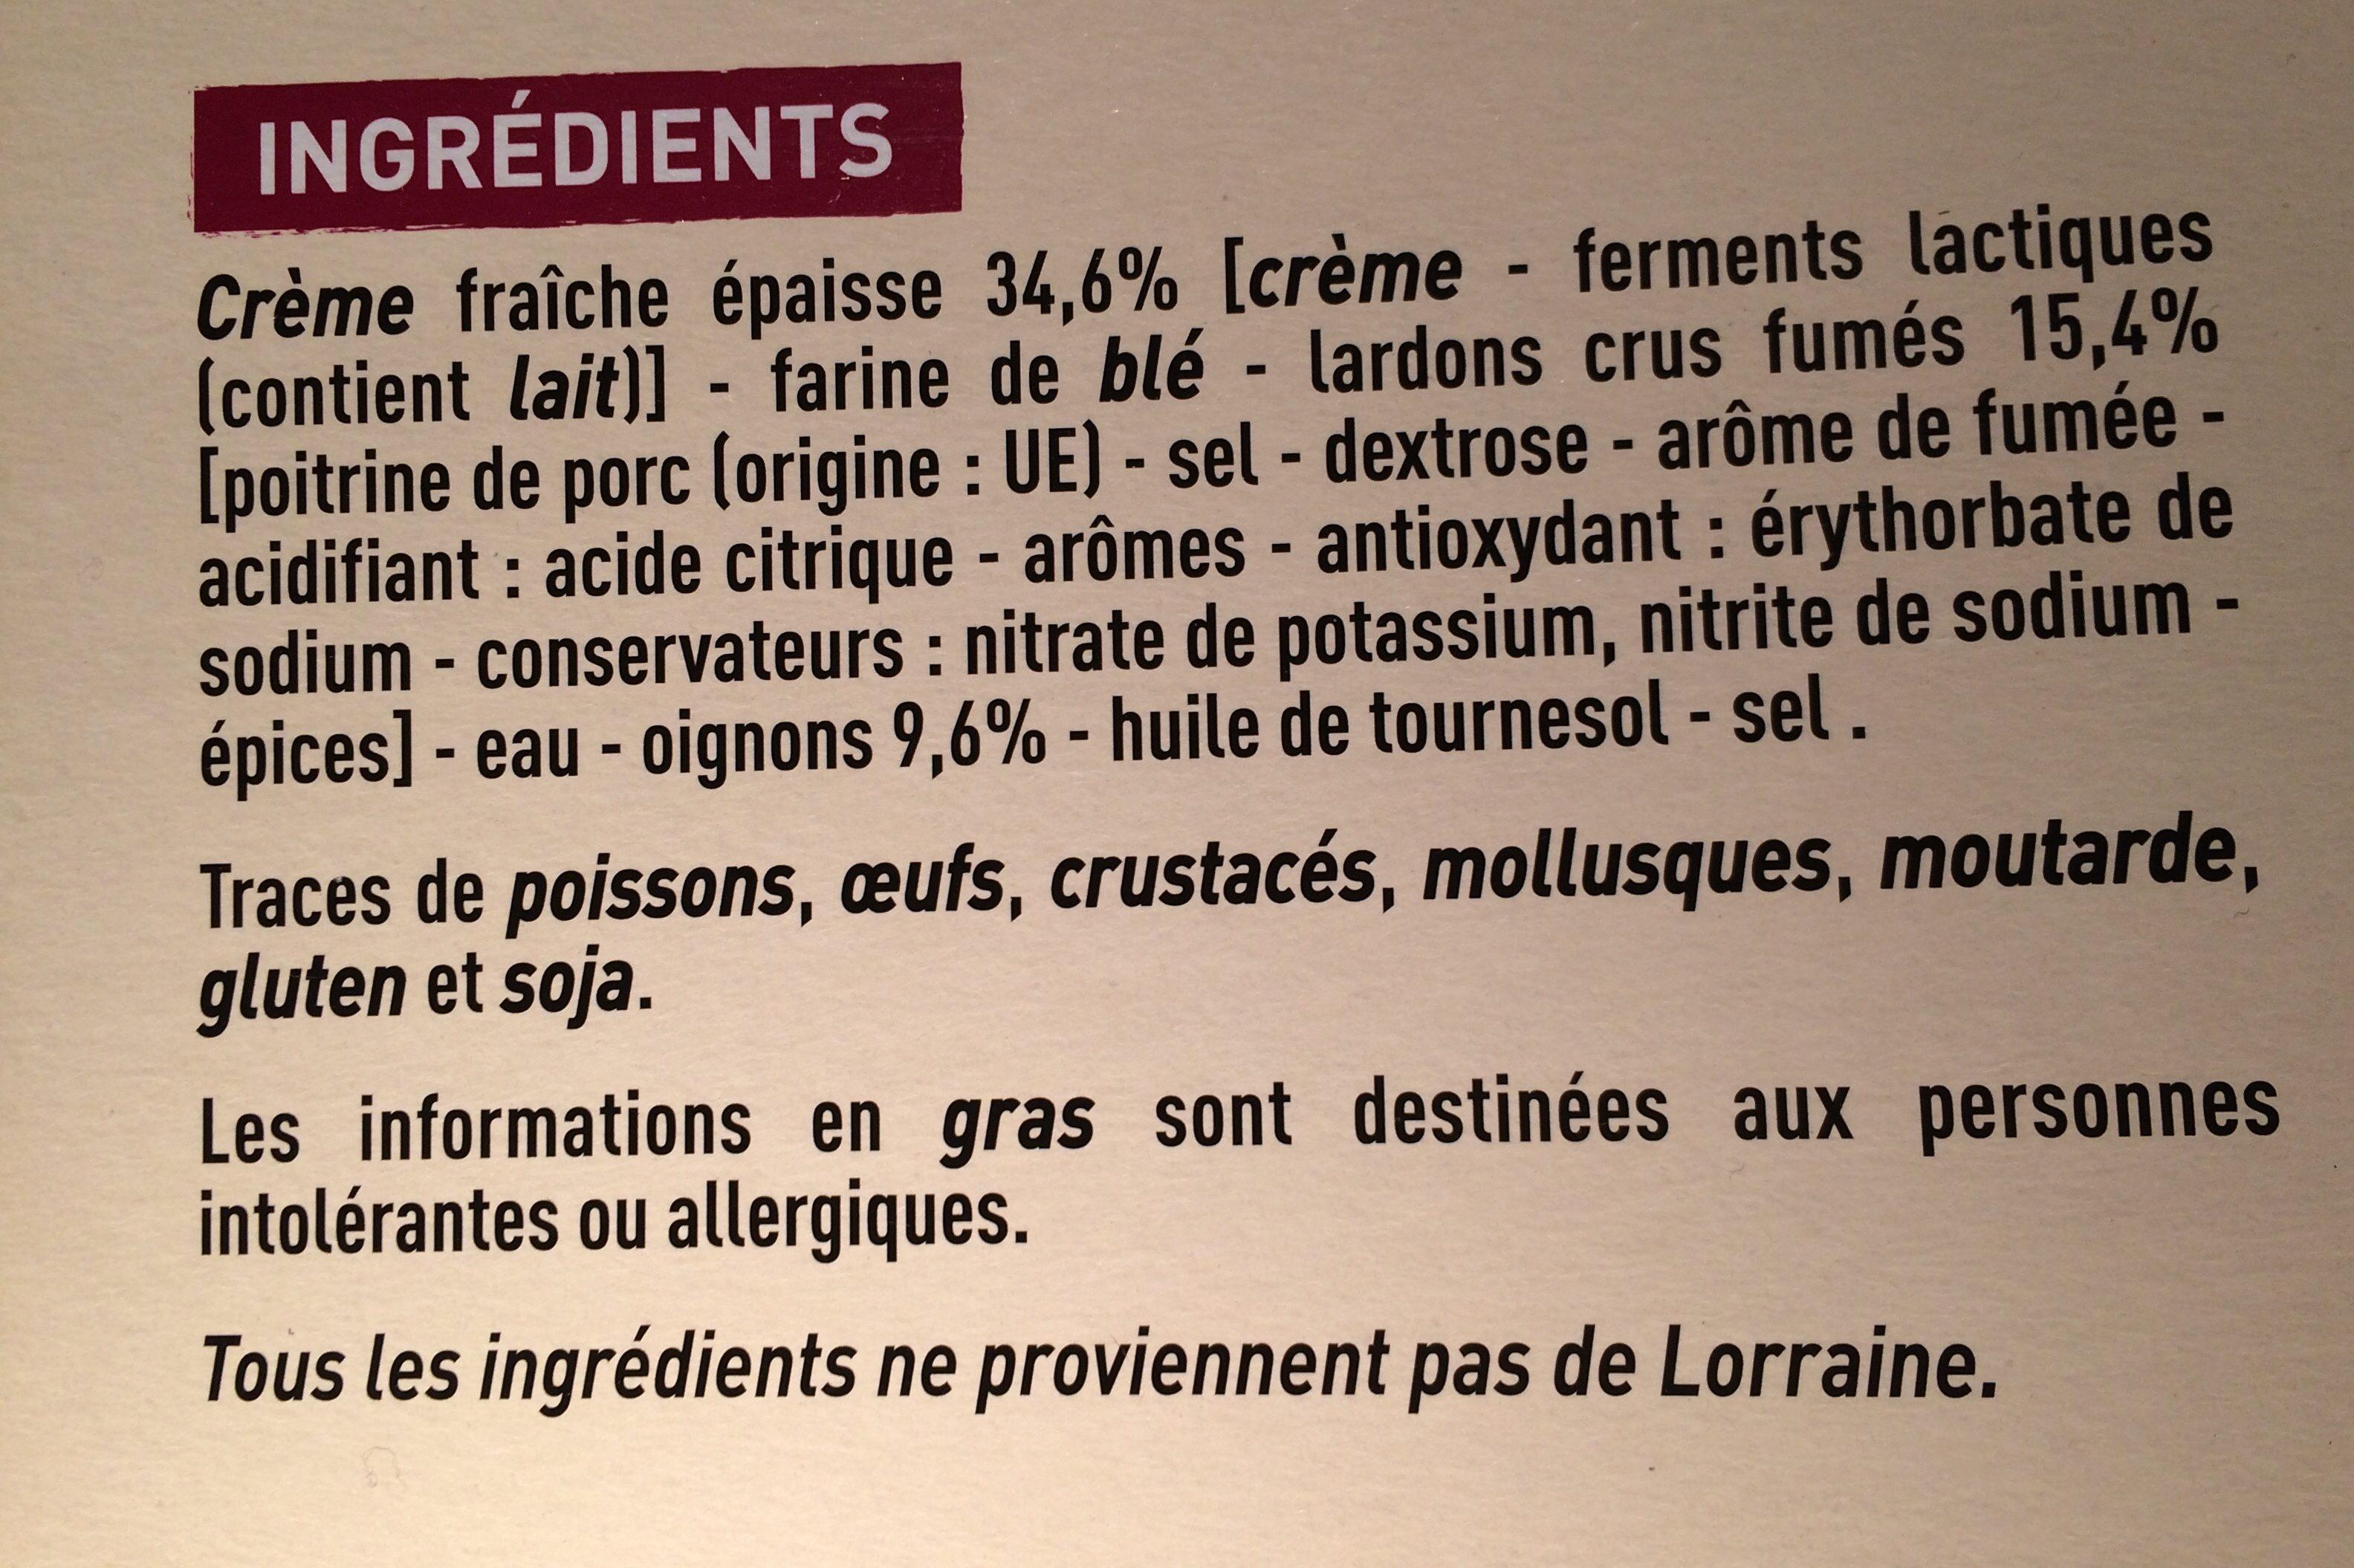 Flammekueche de Moselle - Ingredients